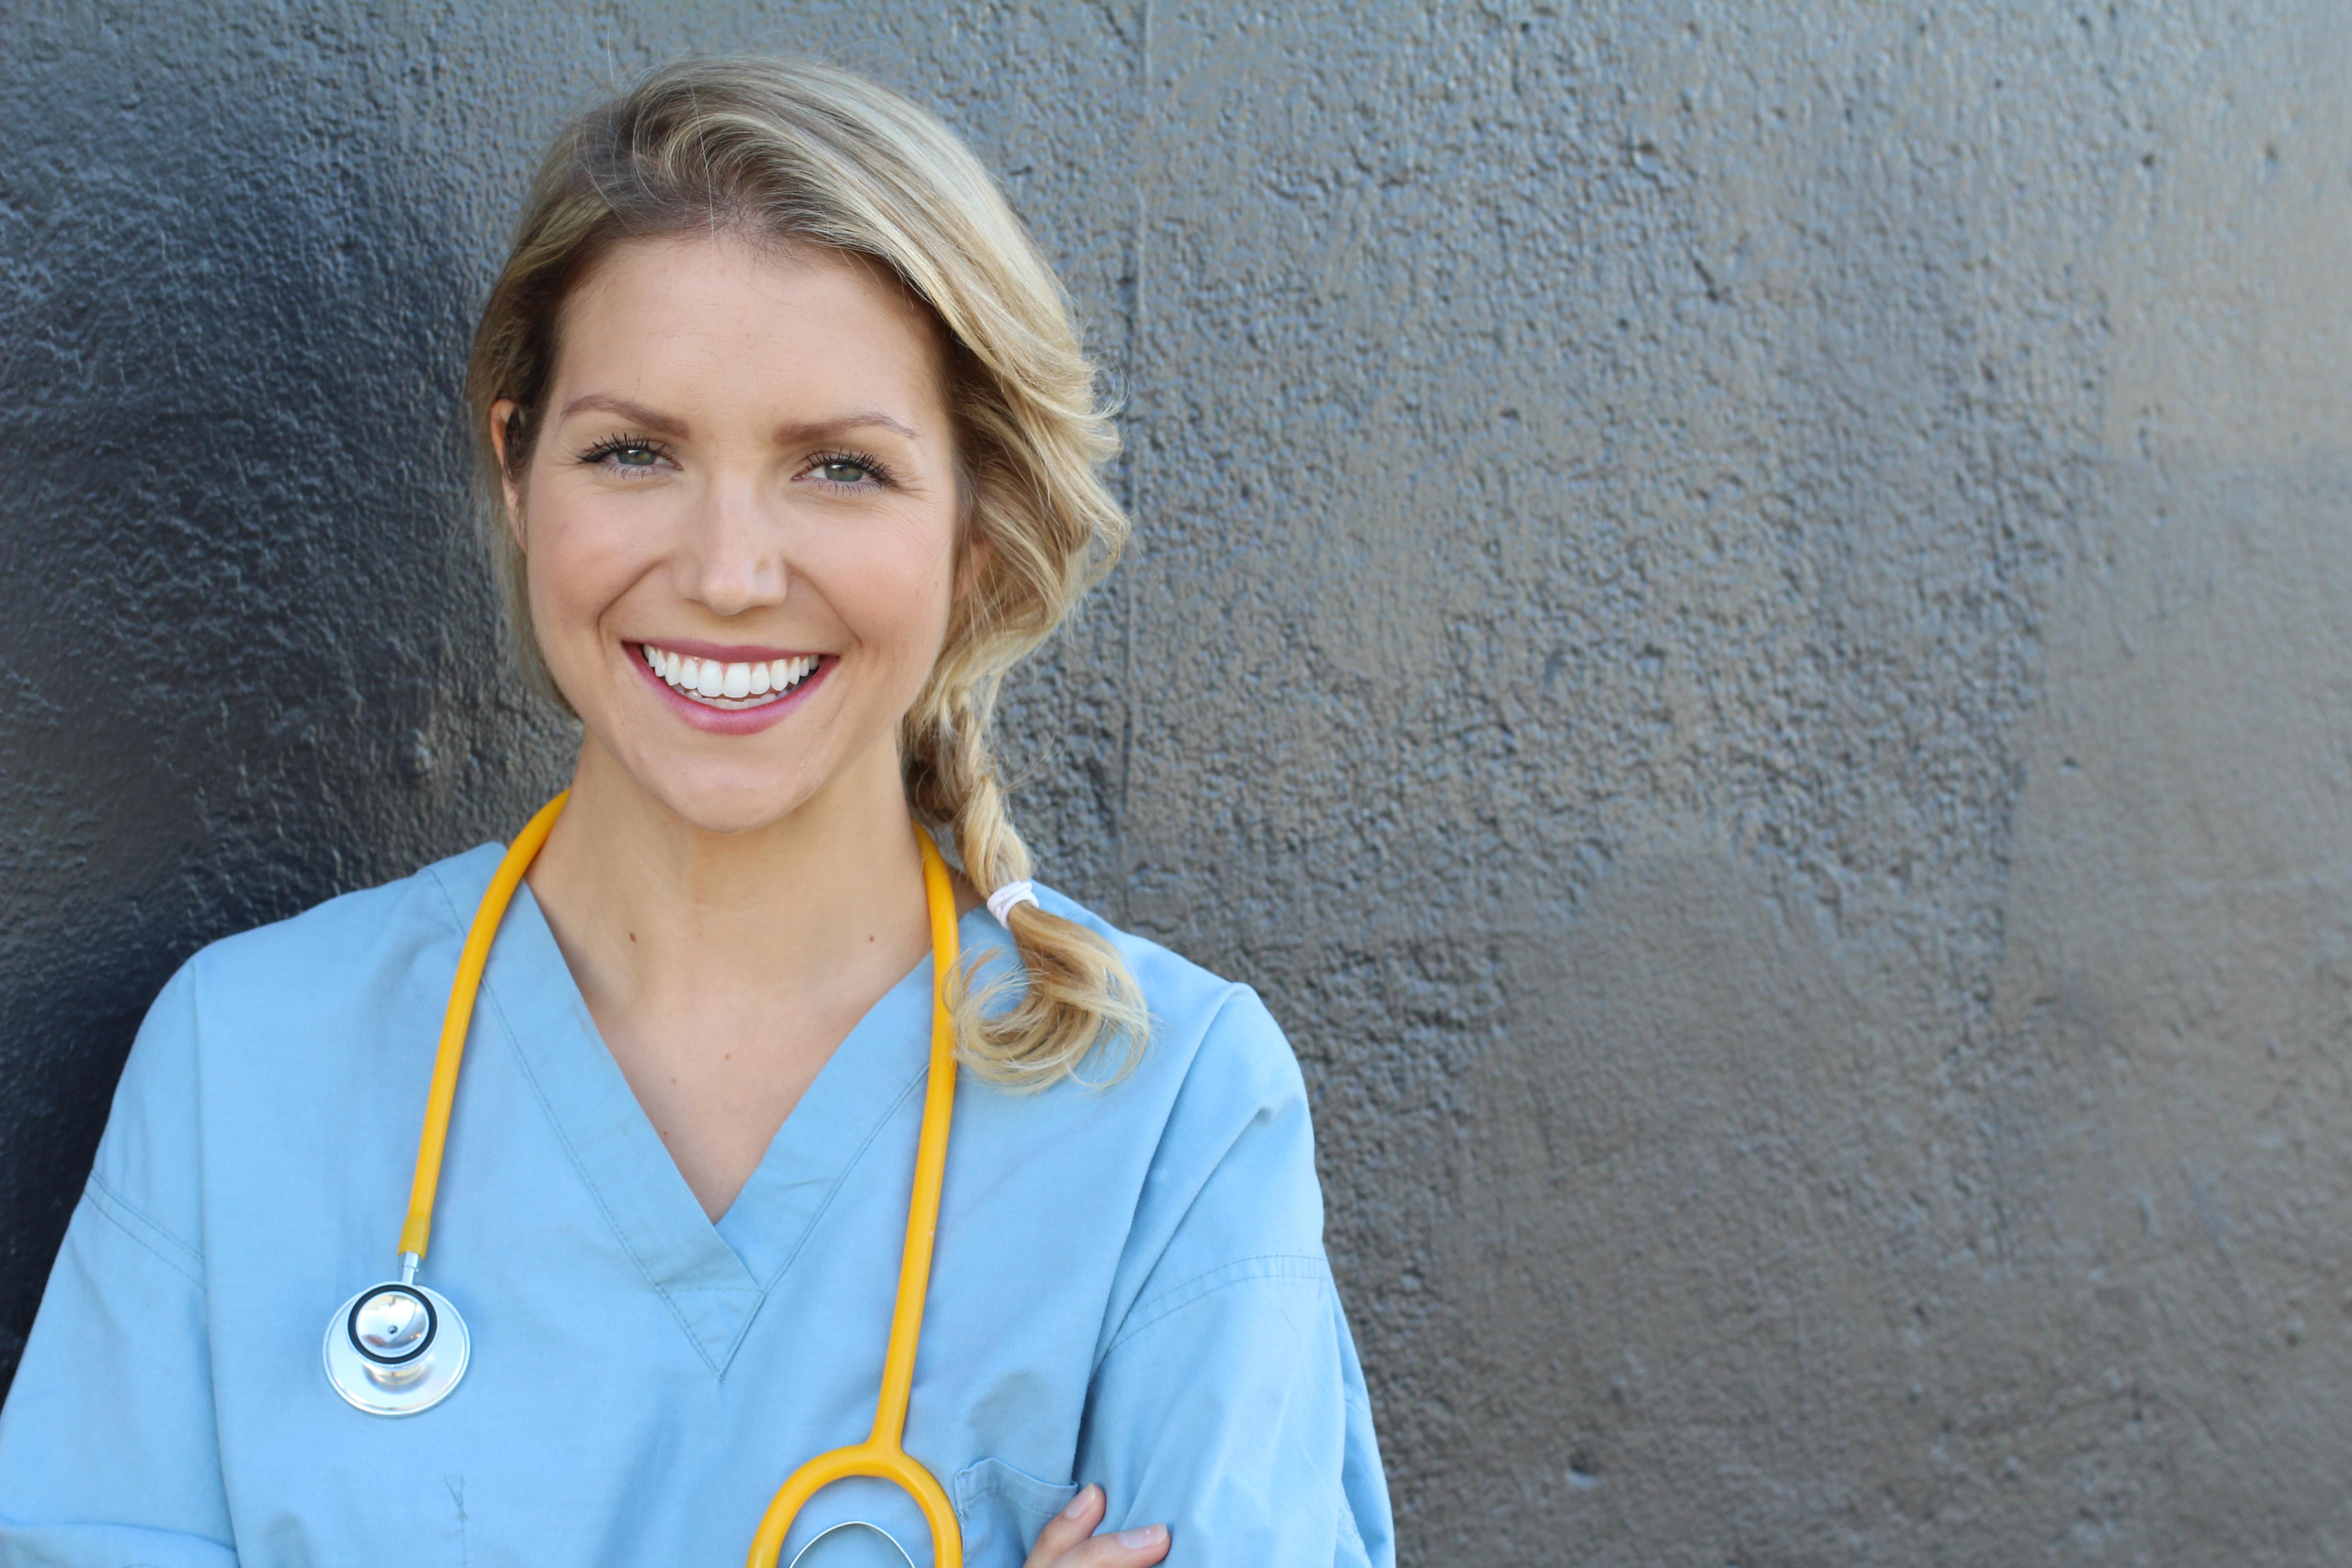 Memorial Regional Health Nurse